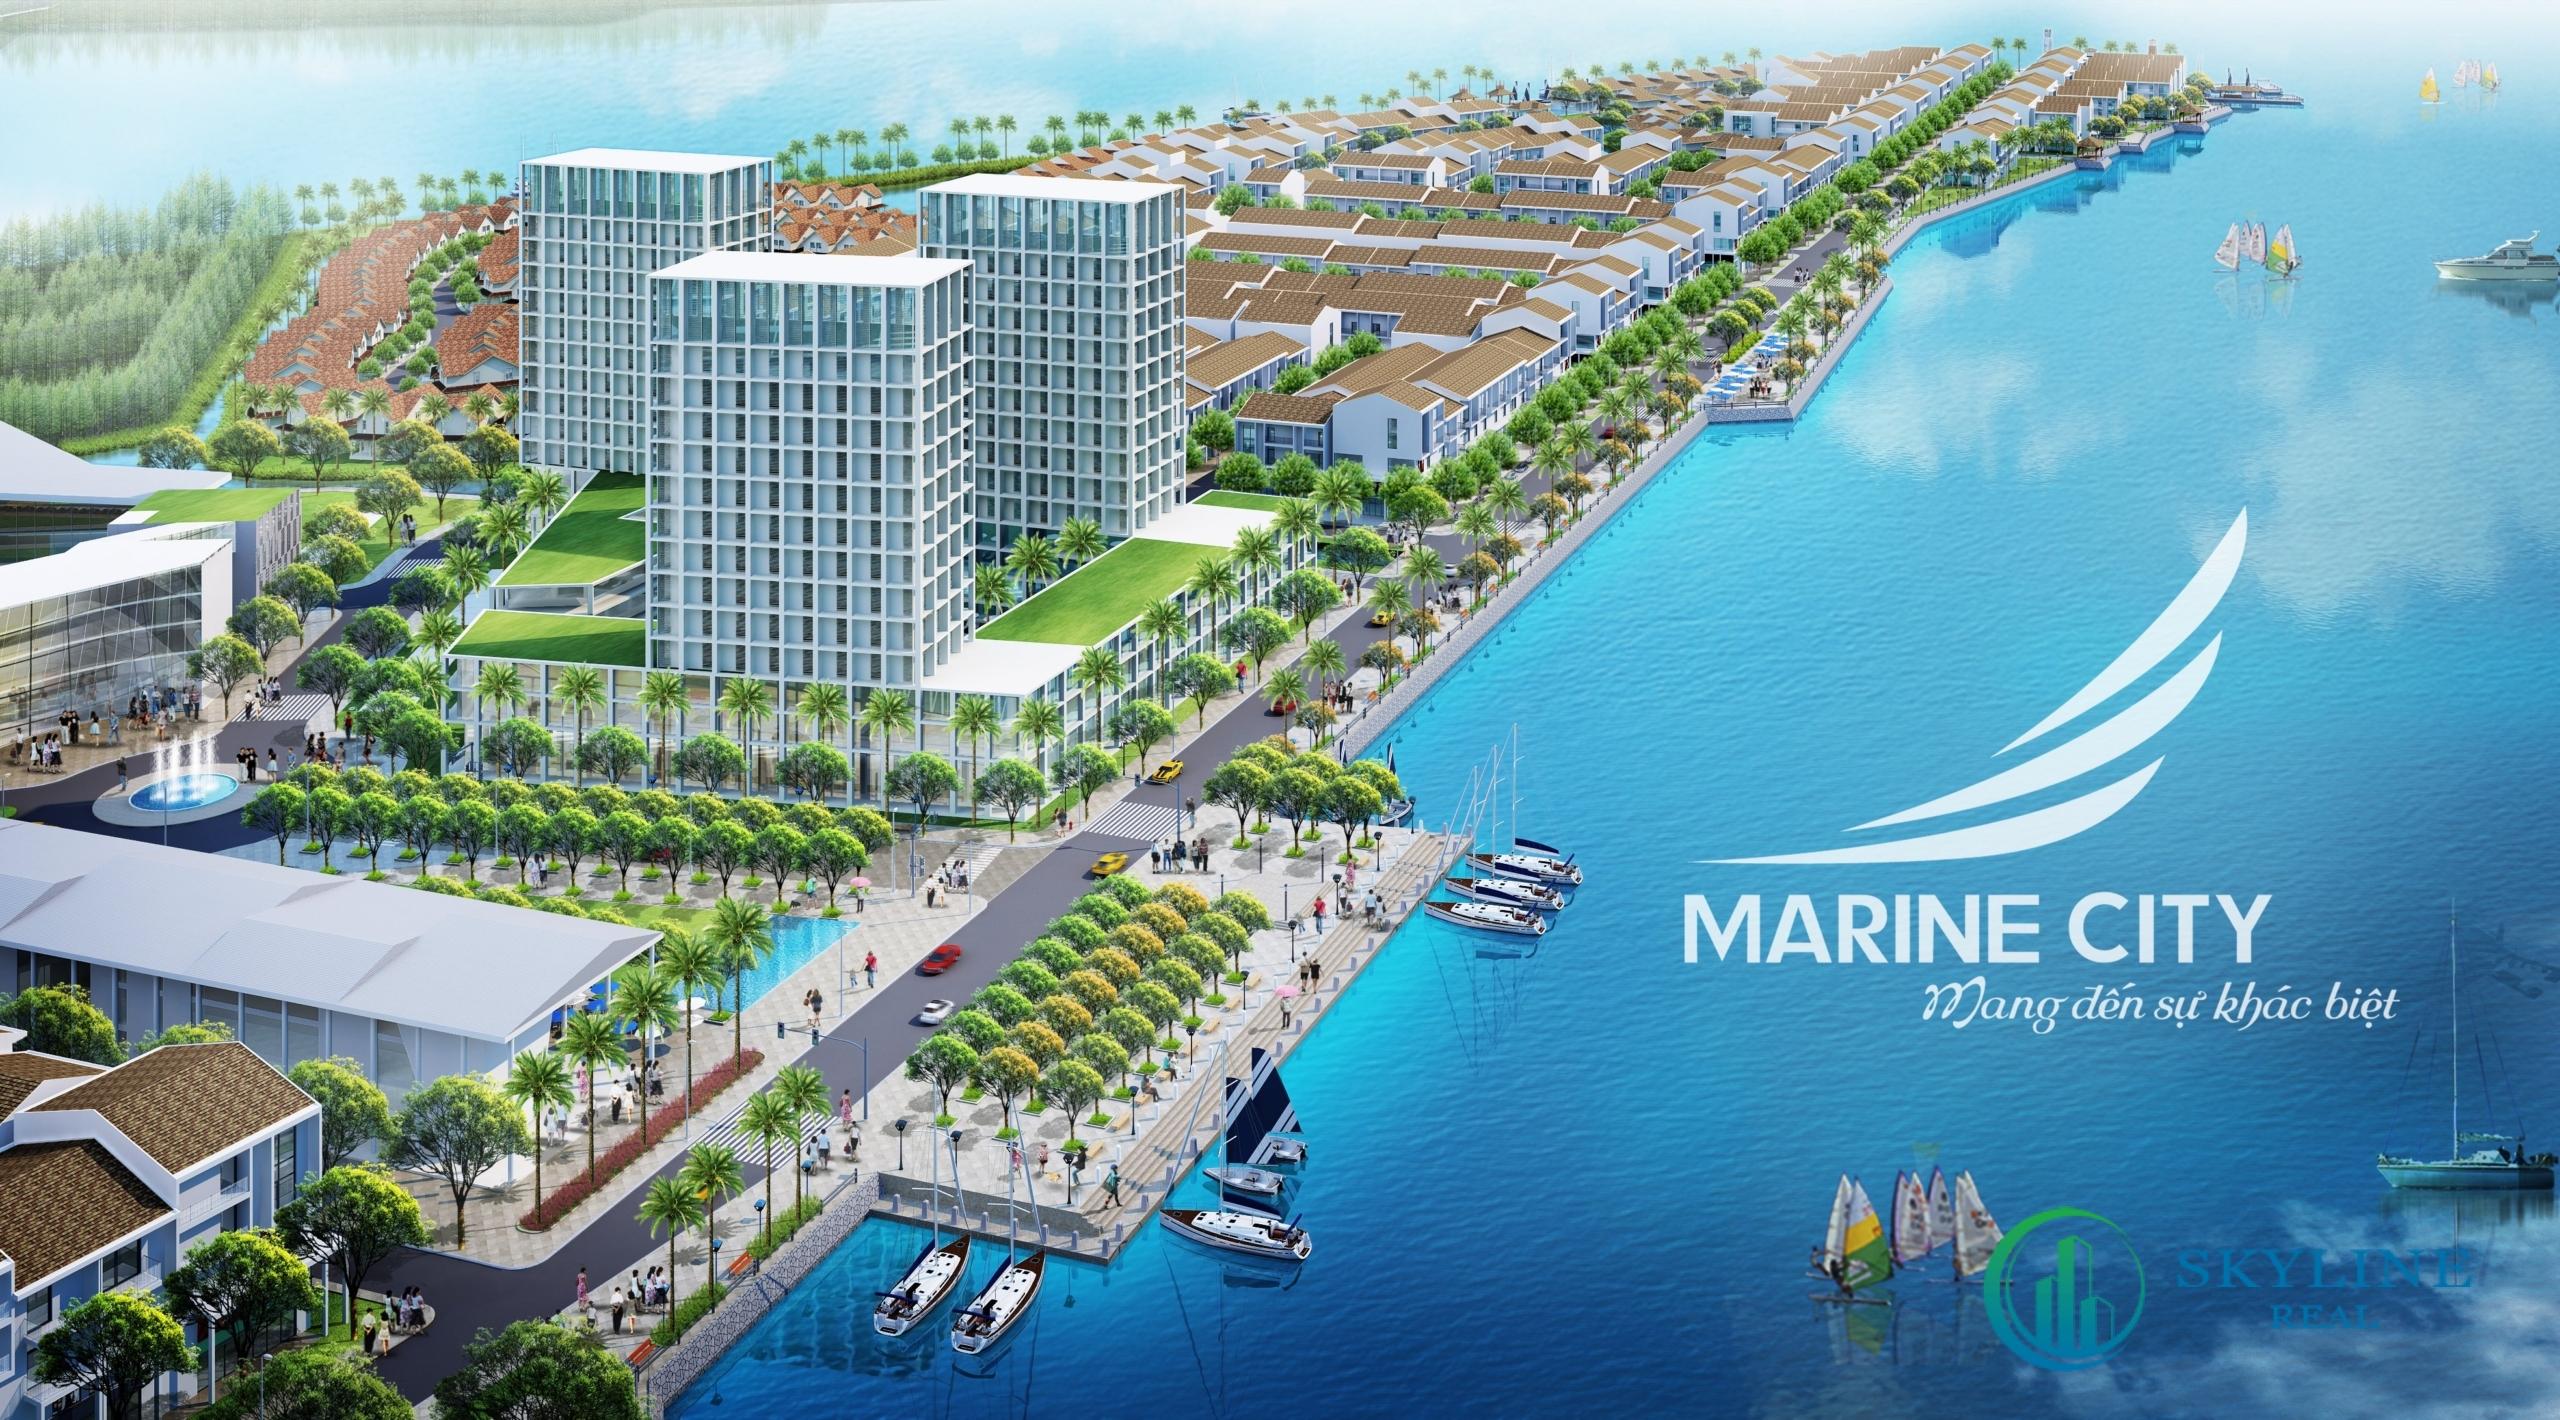 Phối cảnh tổng thể dự án Marine City Vũng Tàu